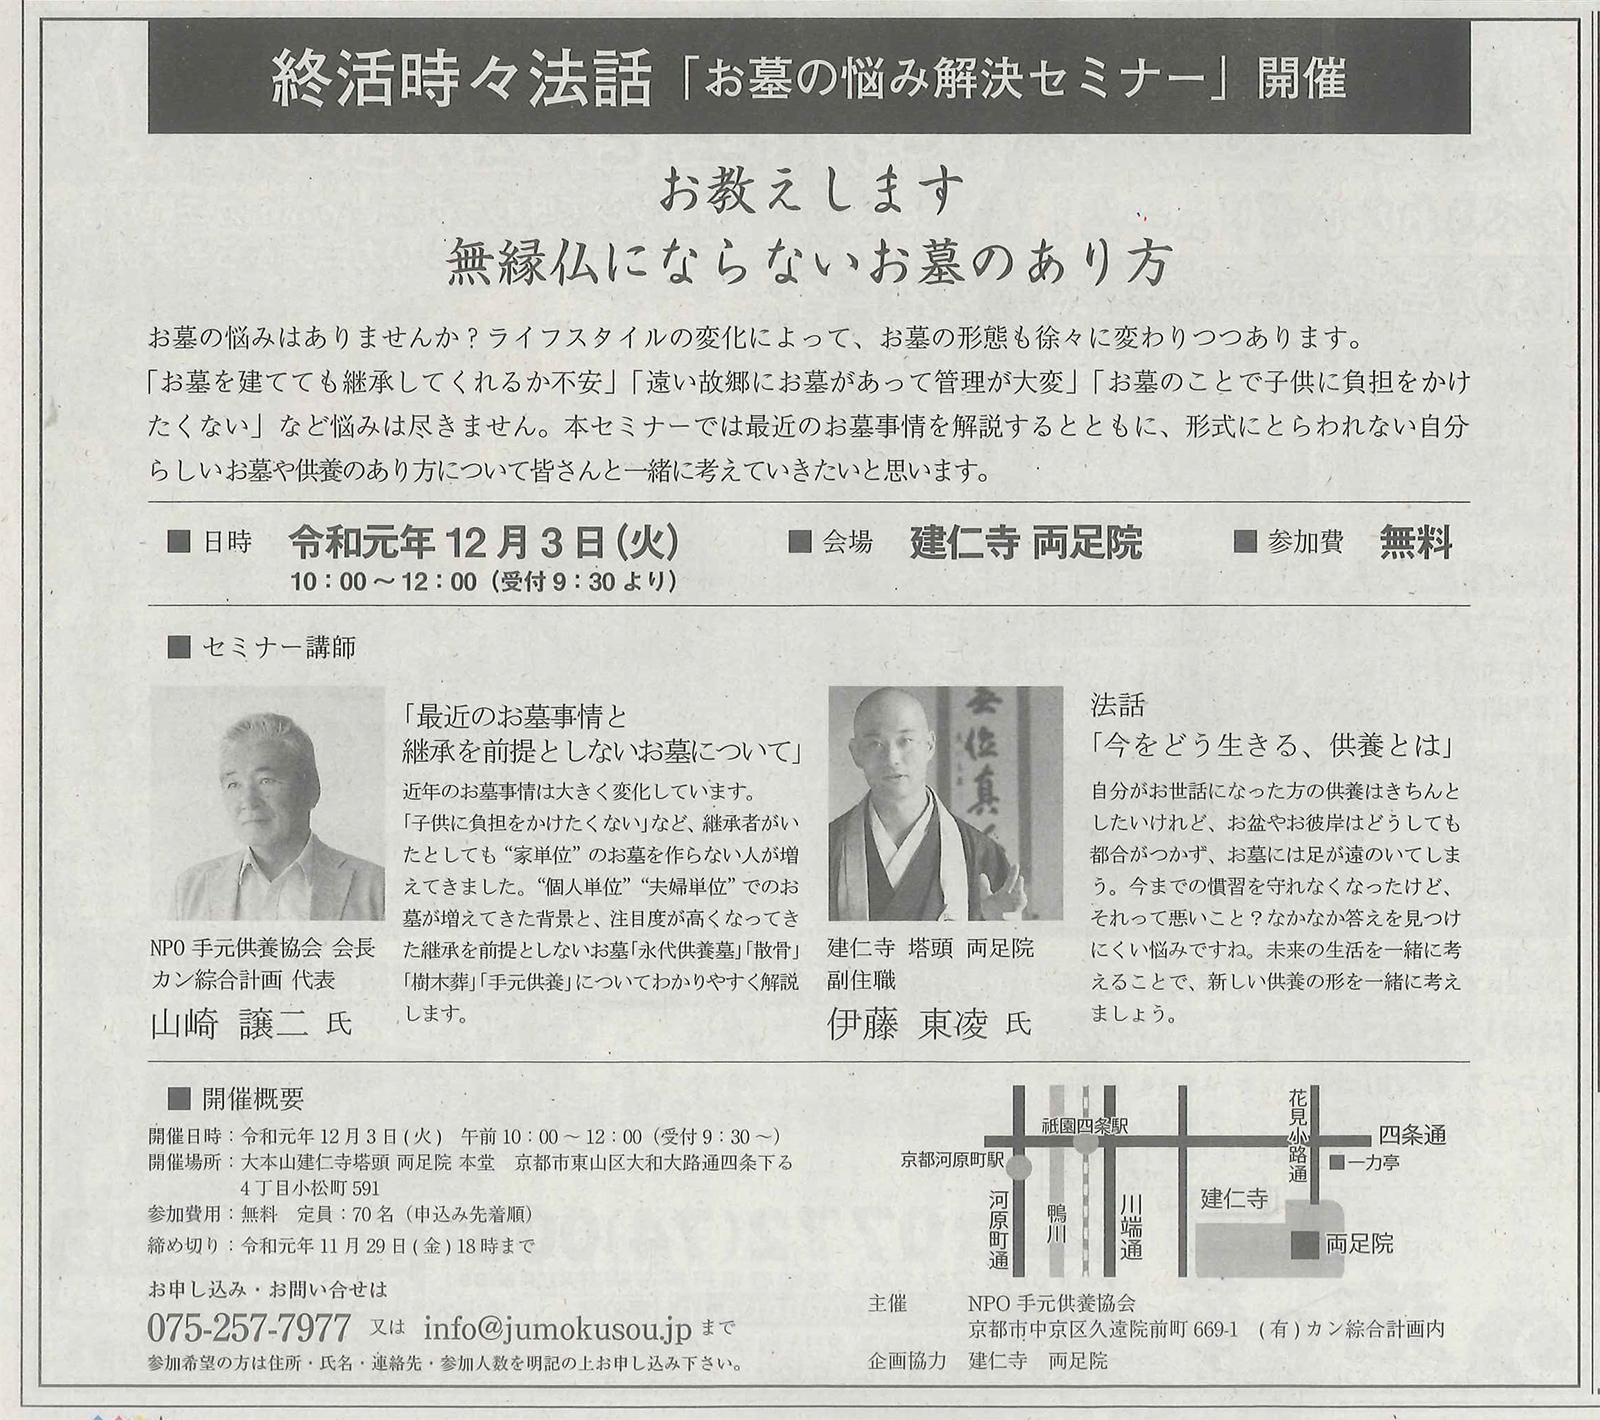 樹木葬セミナー両足院の京都新聞の告知記事